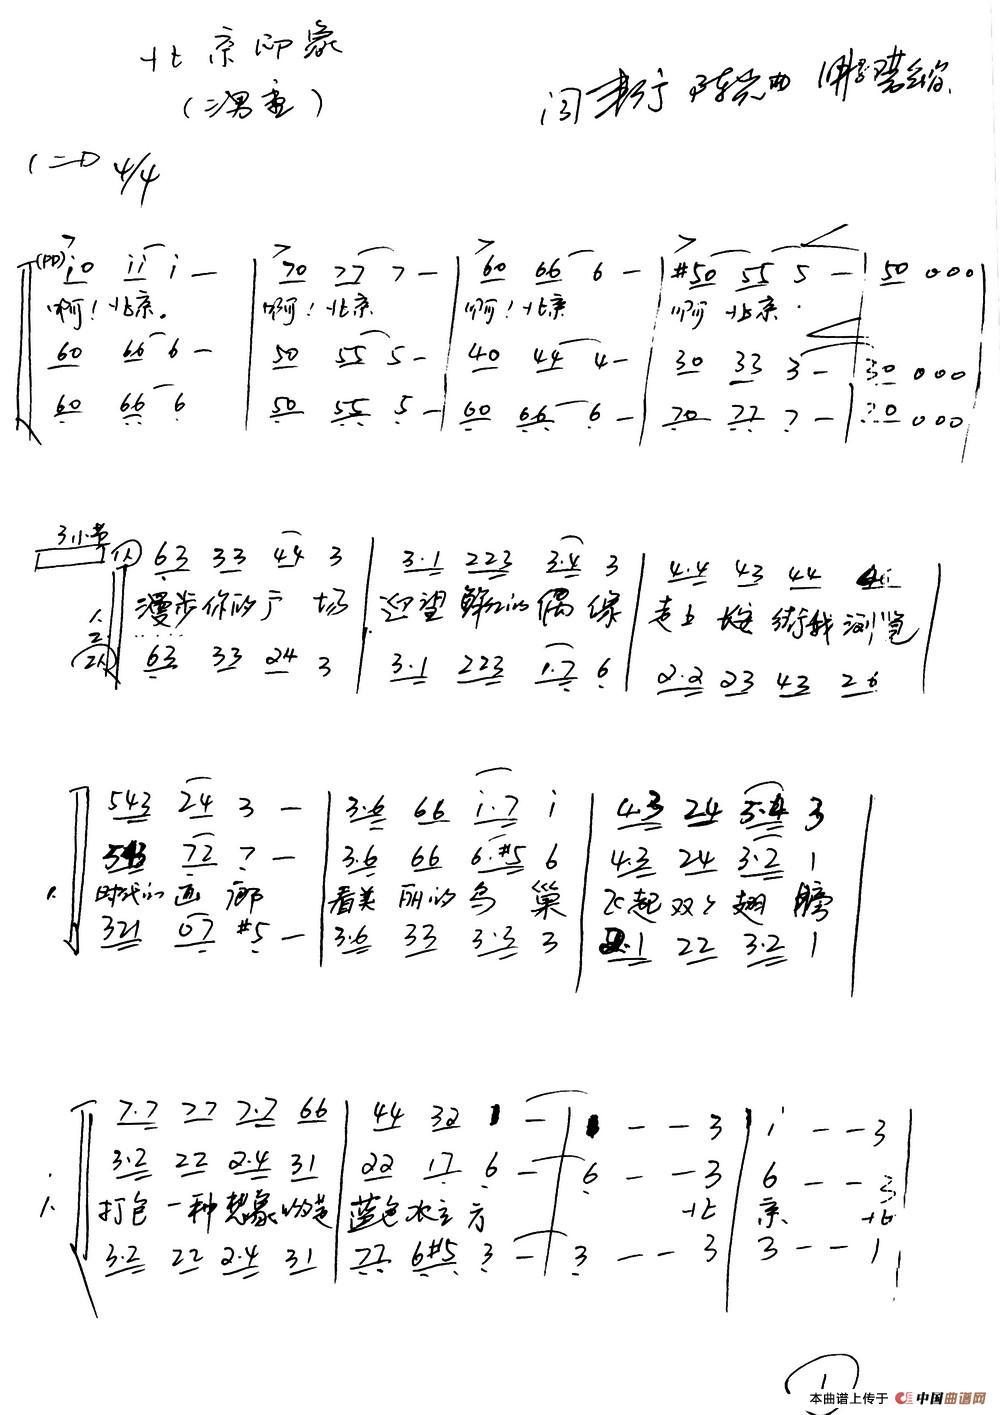 曲谱 北京印象 三重唱 -北京印象 三重唱